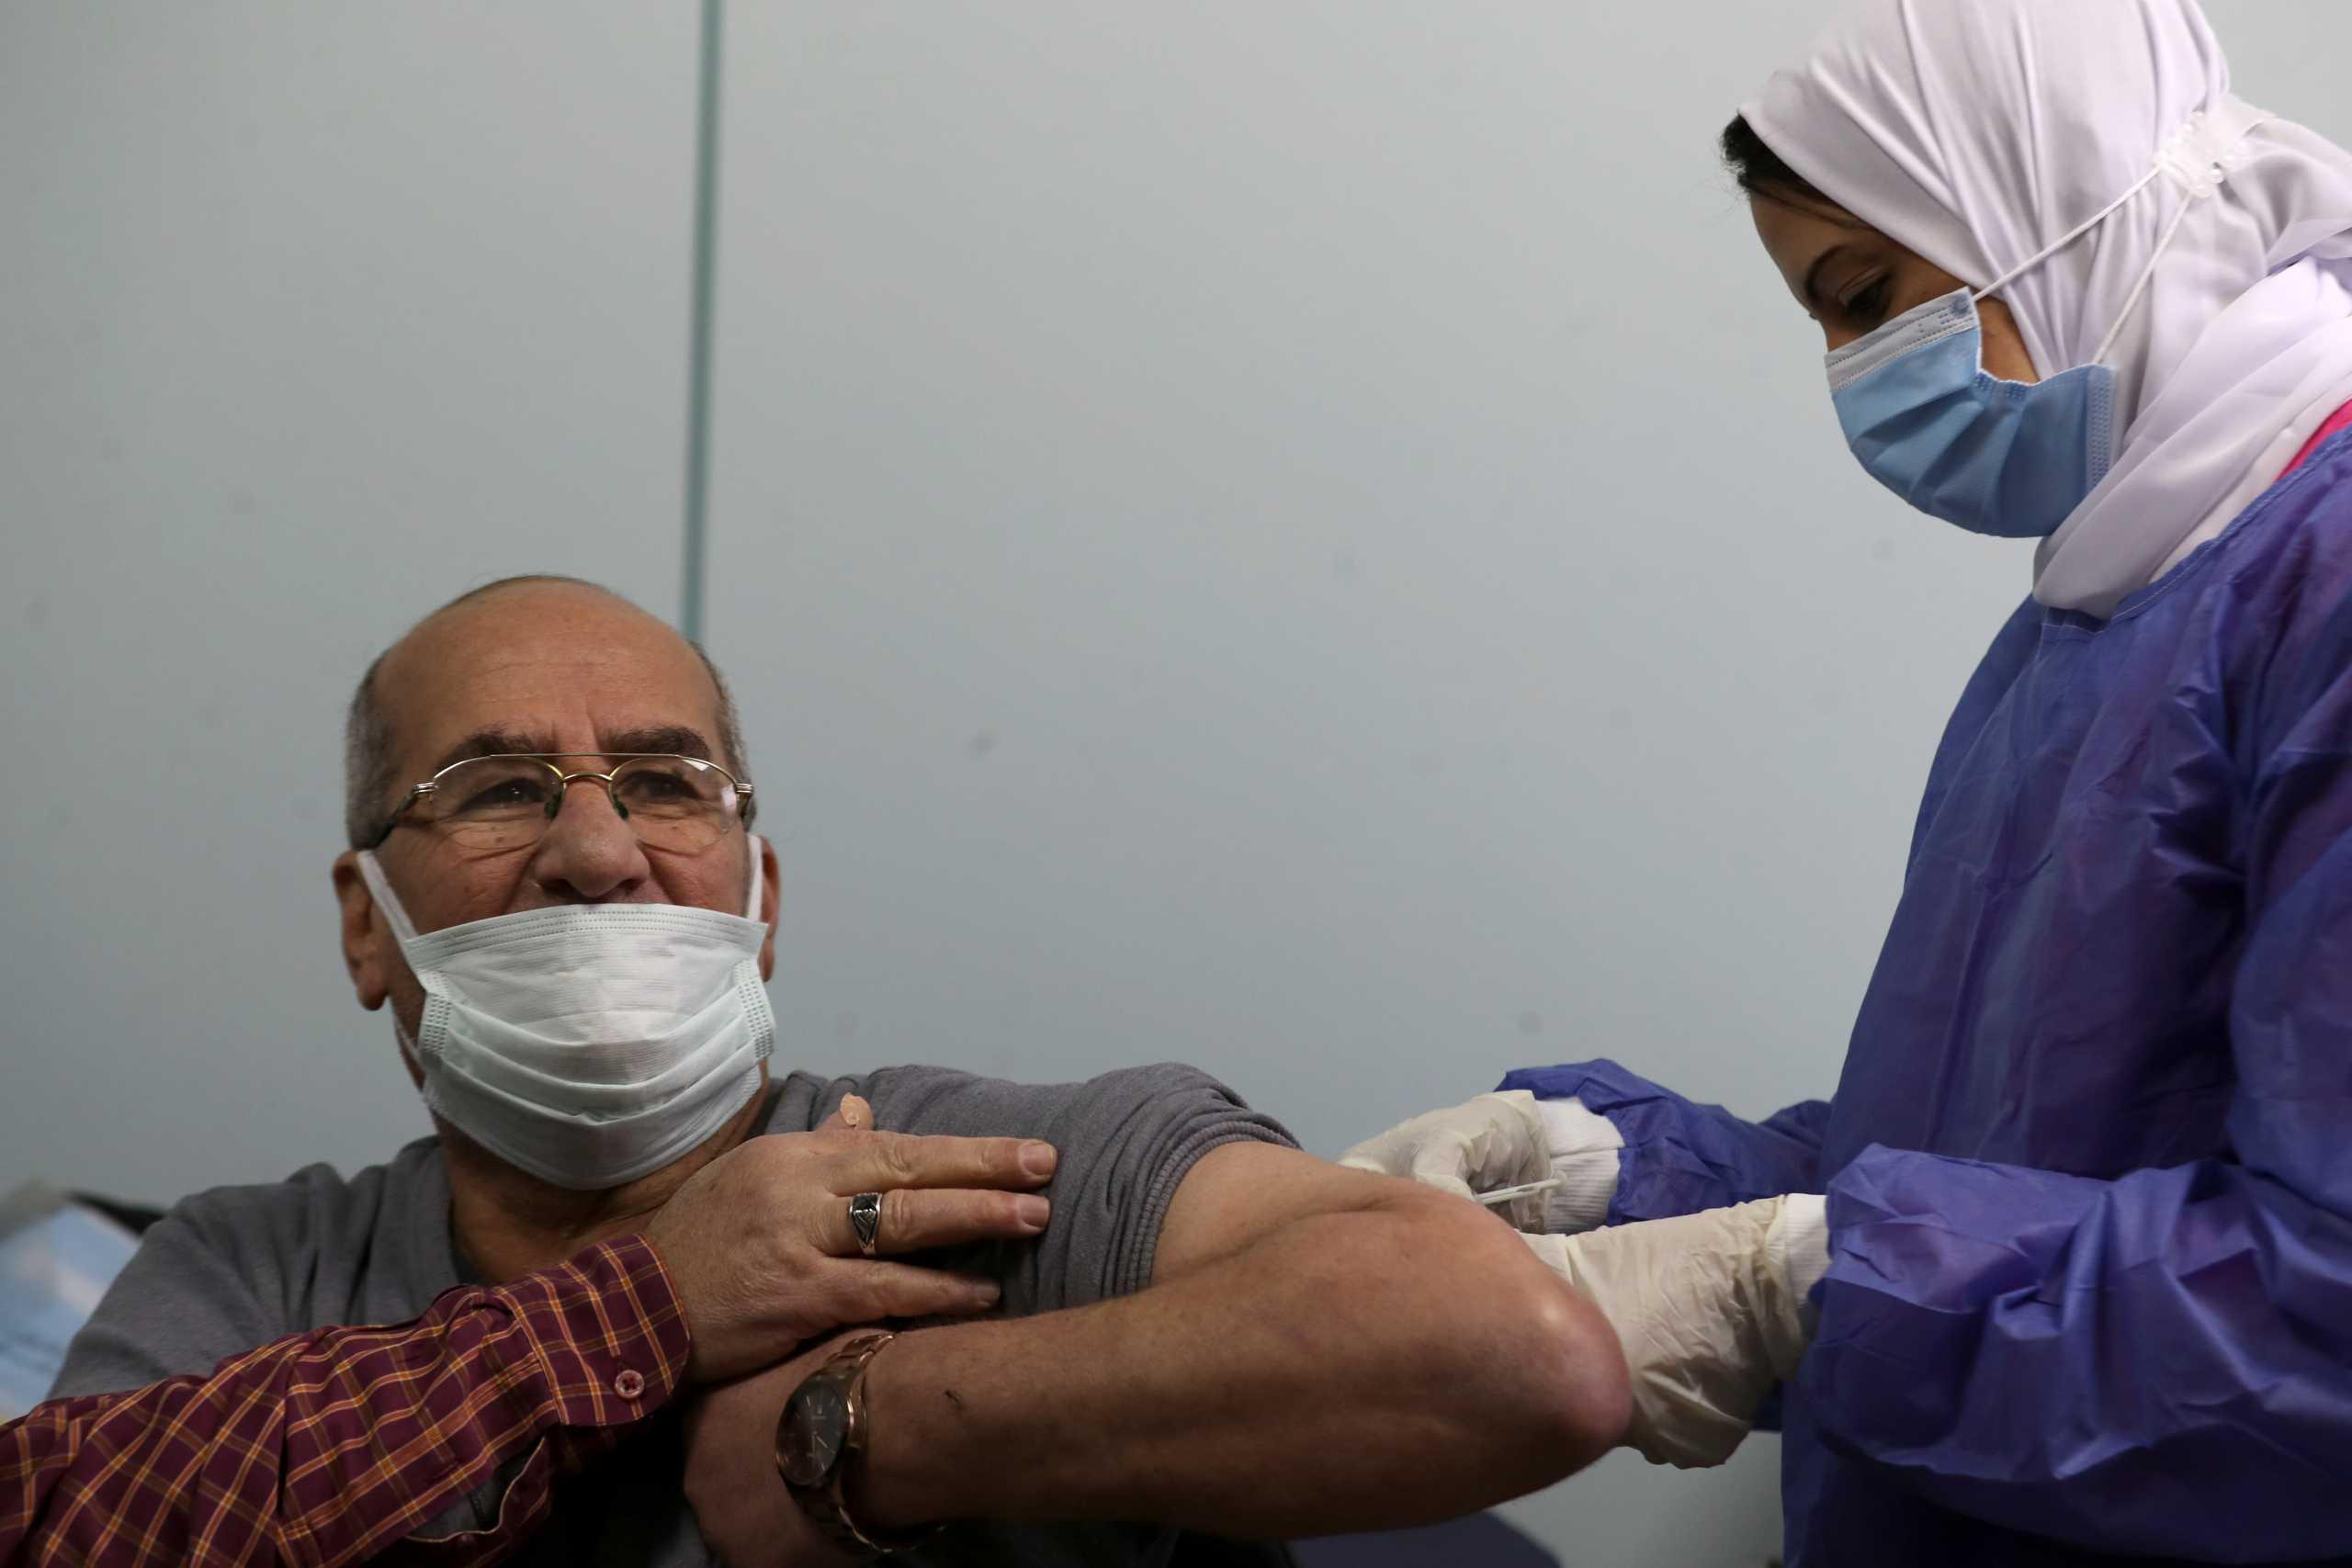 Αίγυπτος: Δε θα διακοπούν οι εμβολιασμοί την περίοδο της νηστείας για το Ραμαζάνι